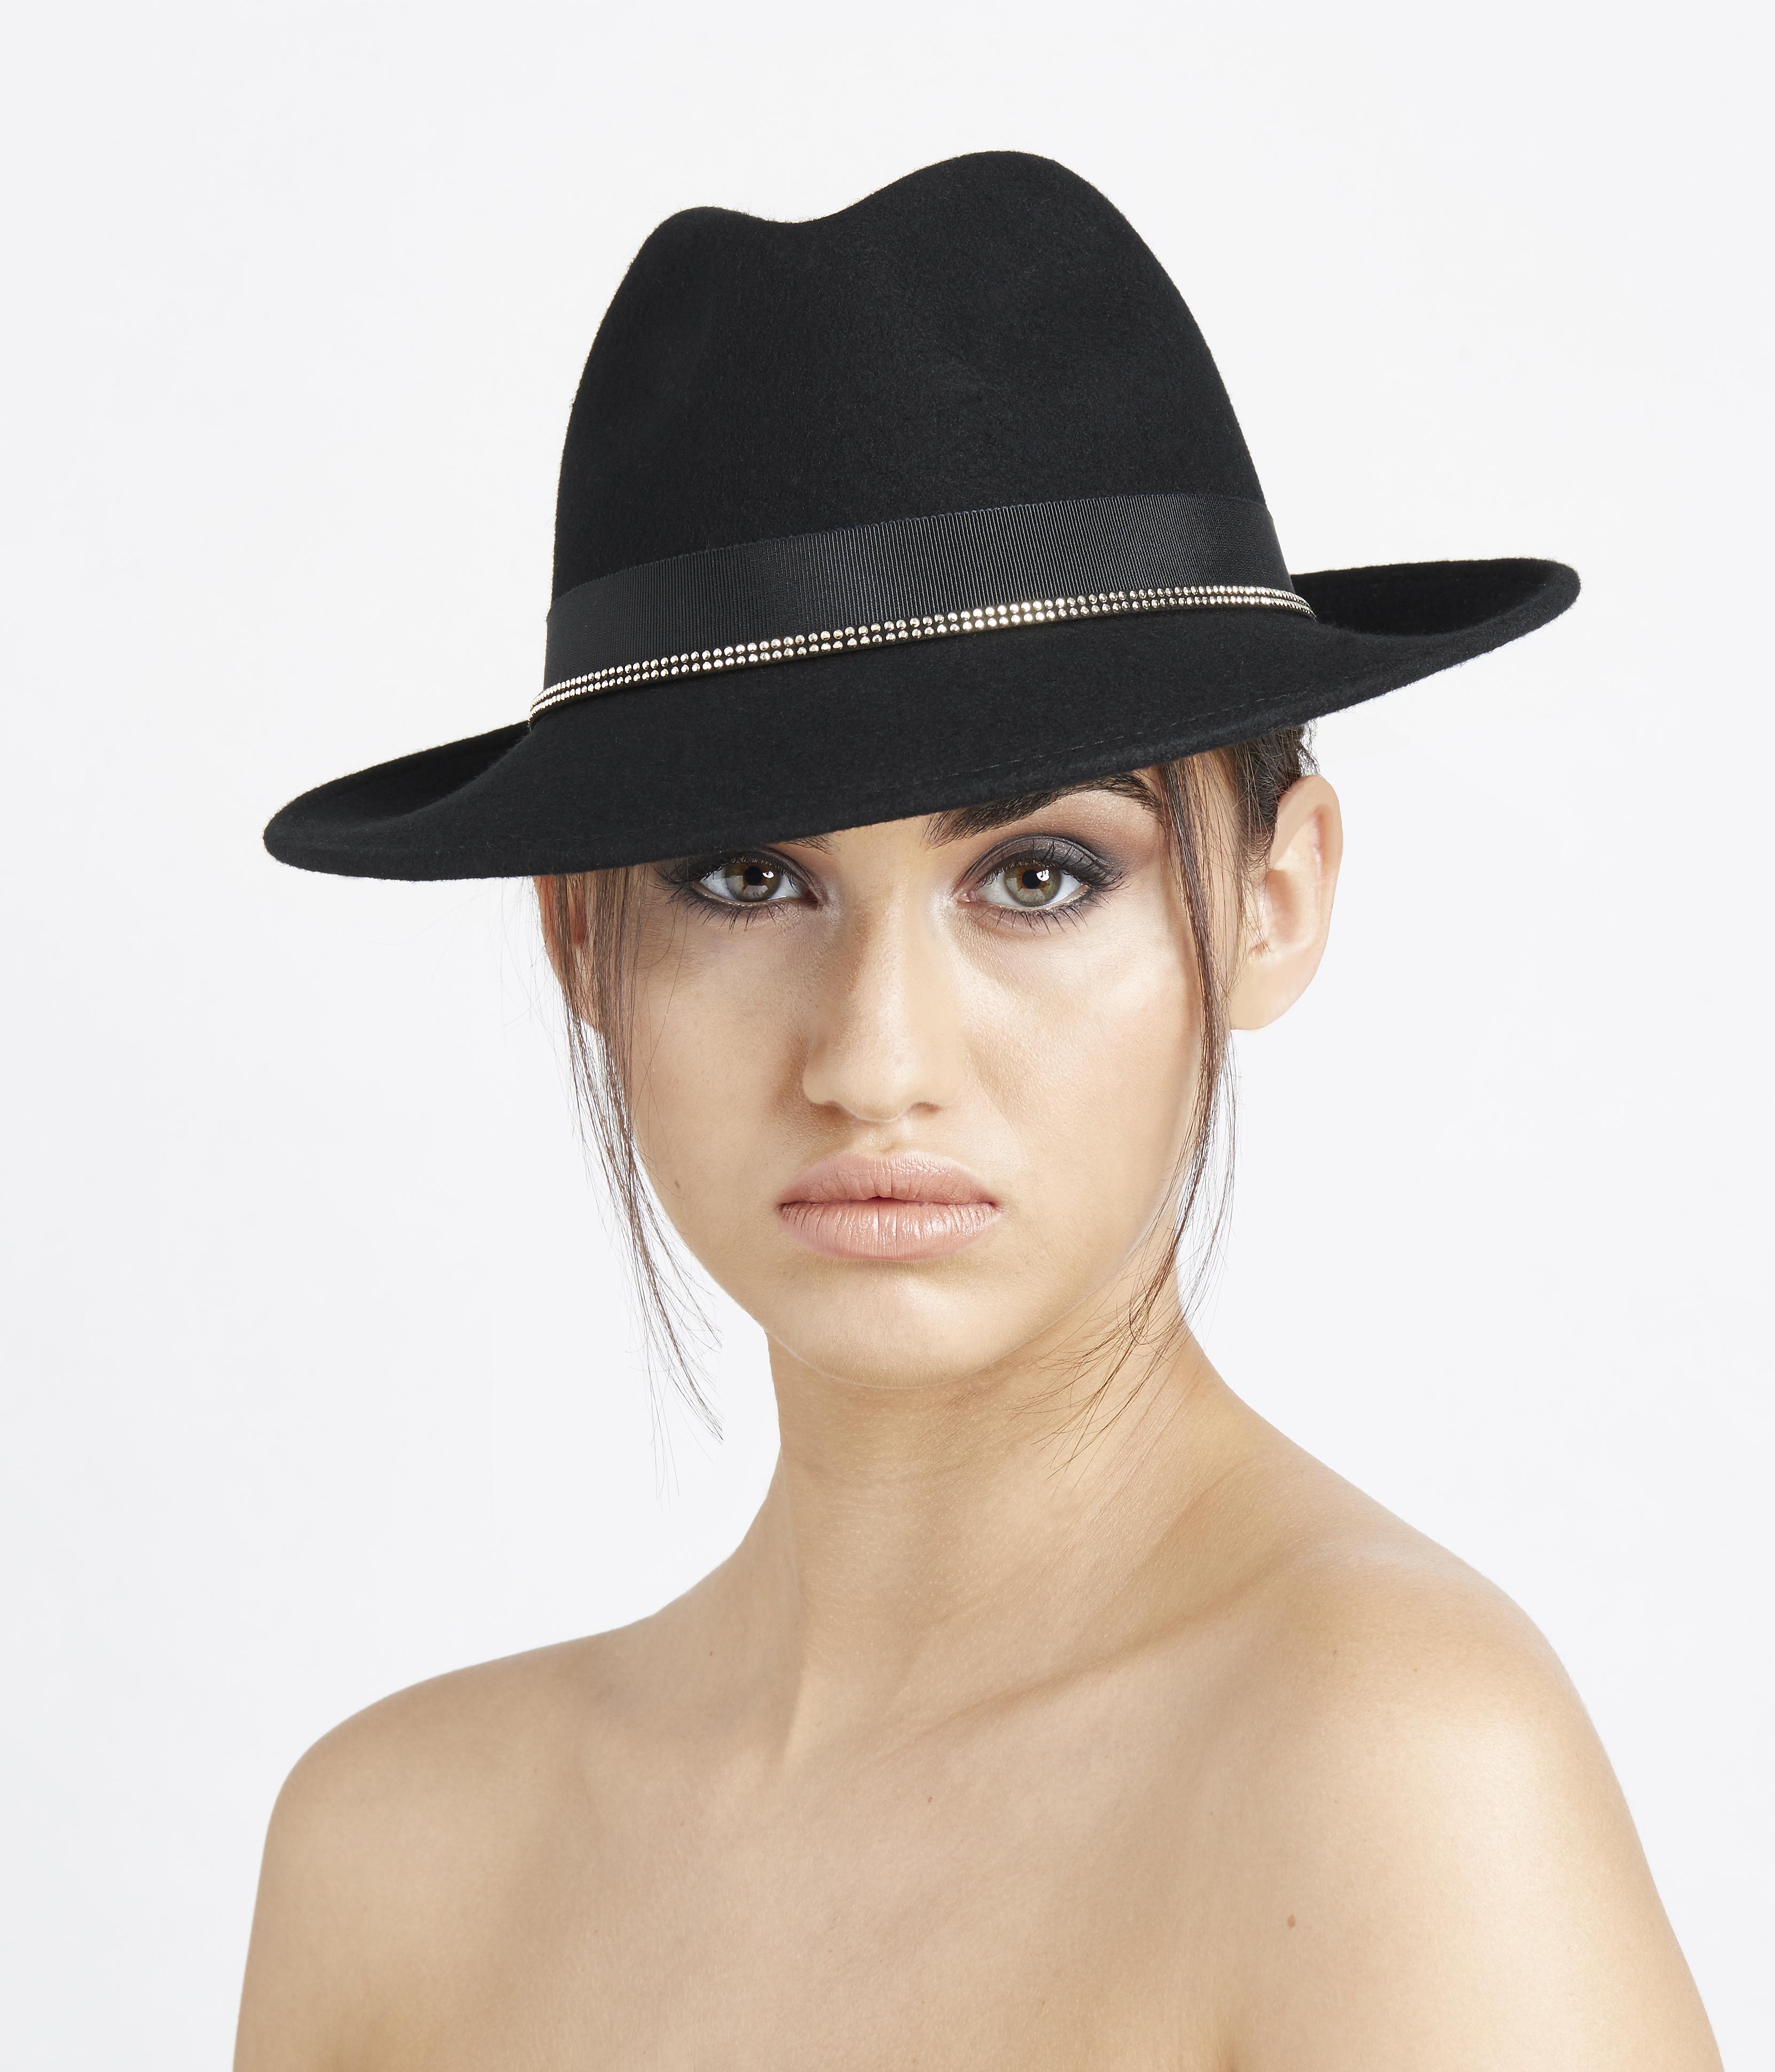 954dda0d4e44d Velour Fur Felt Hats   Stud Trilby